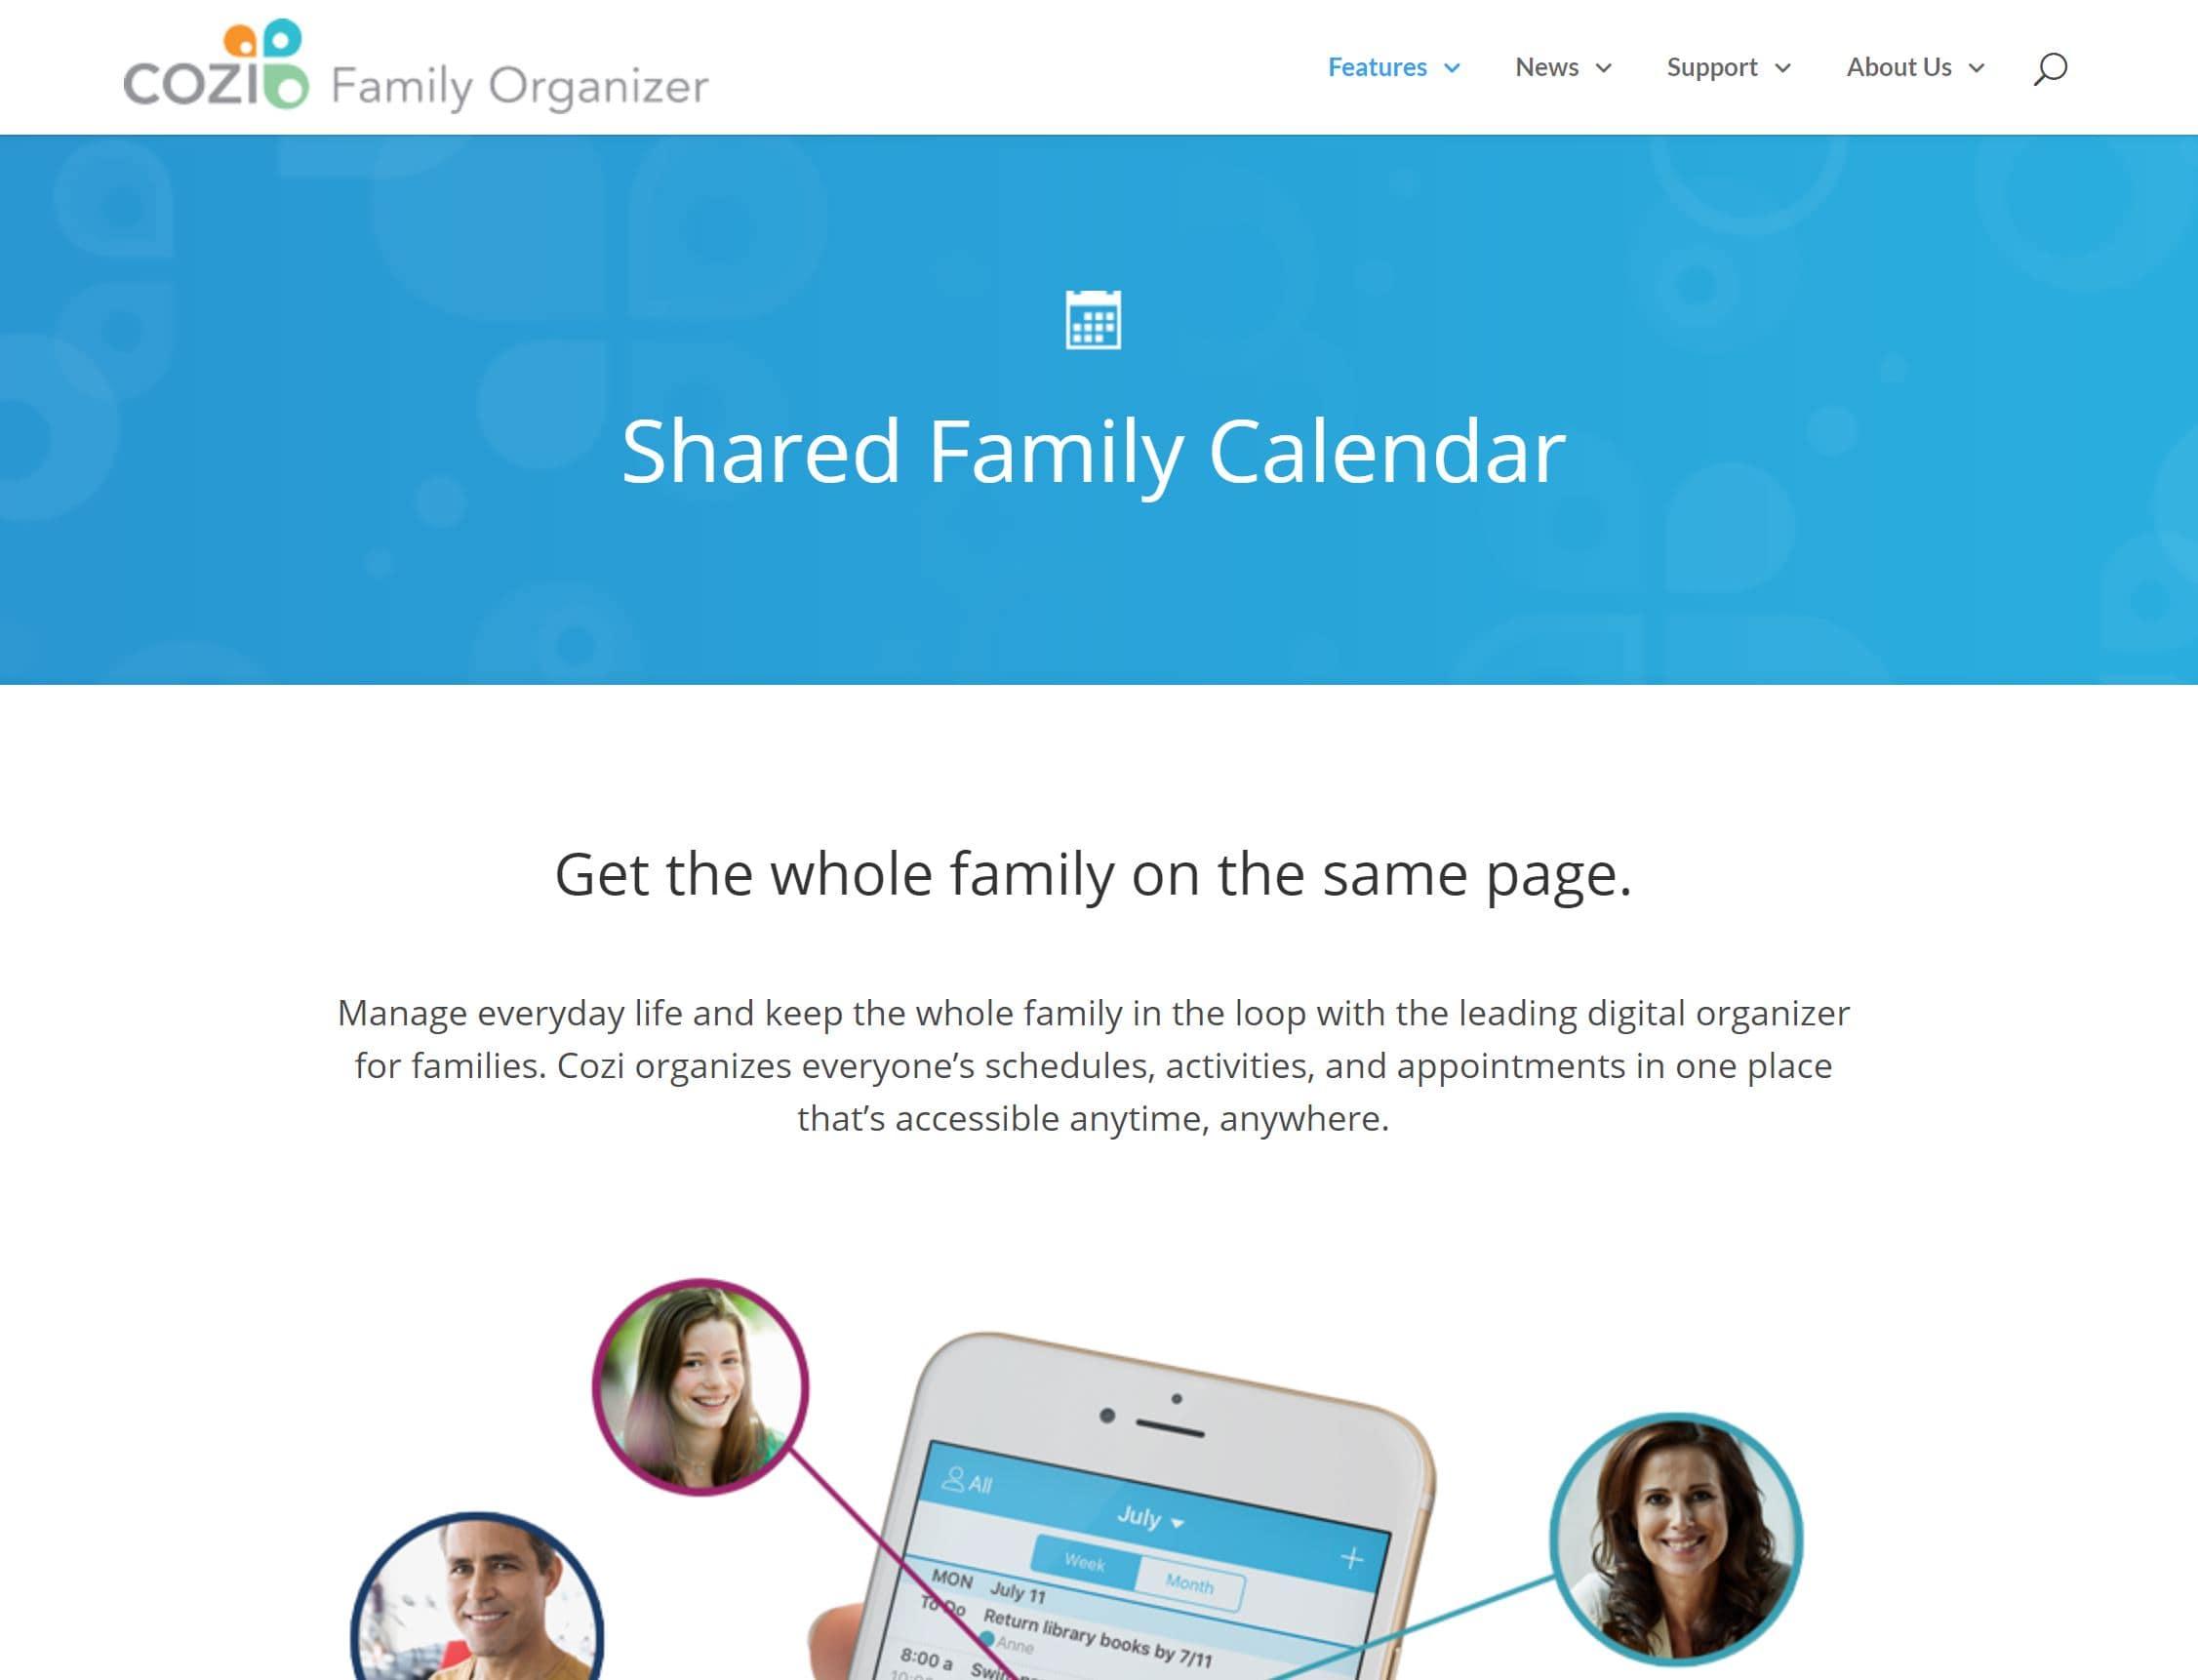 Cozi Shared Family Calendar